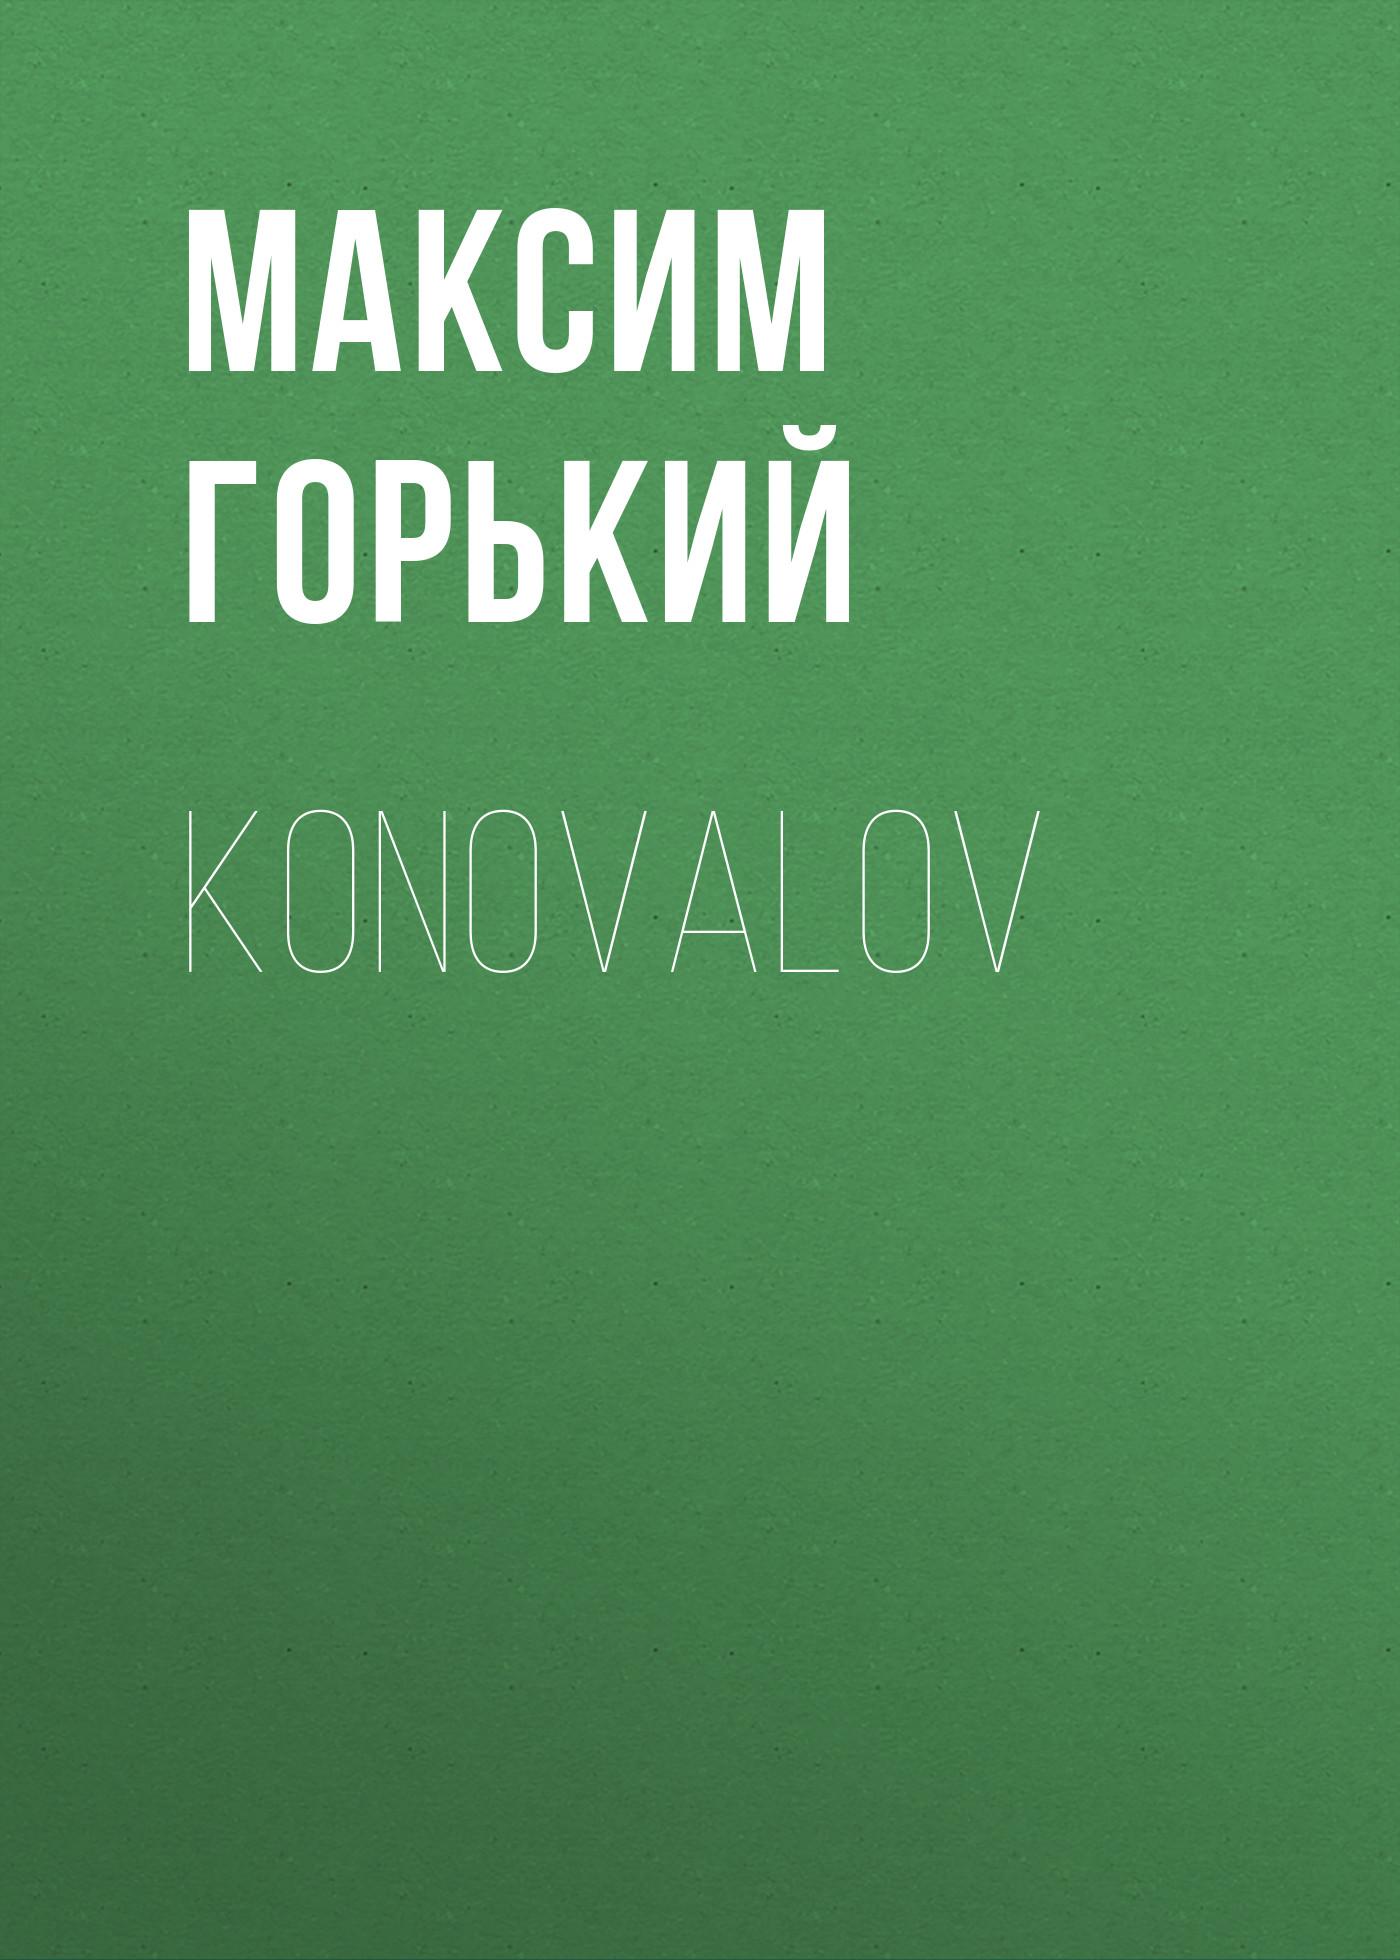 Максим Горький Konovalov максим горький ответ на анкету американского журнала